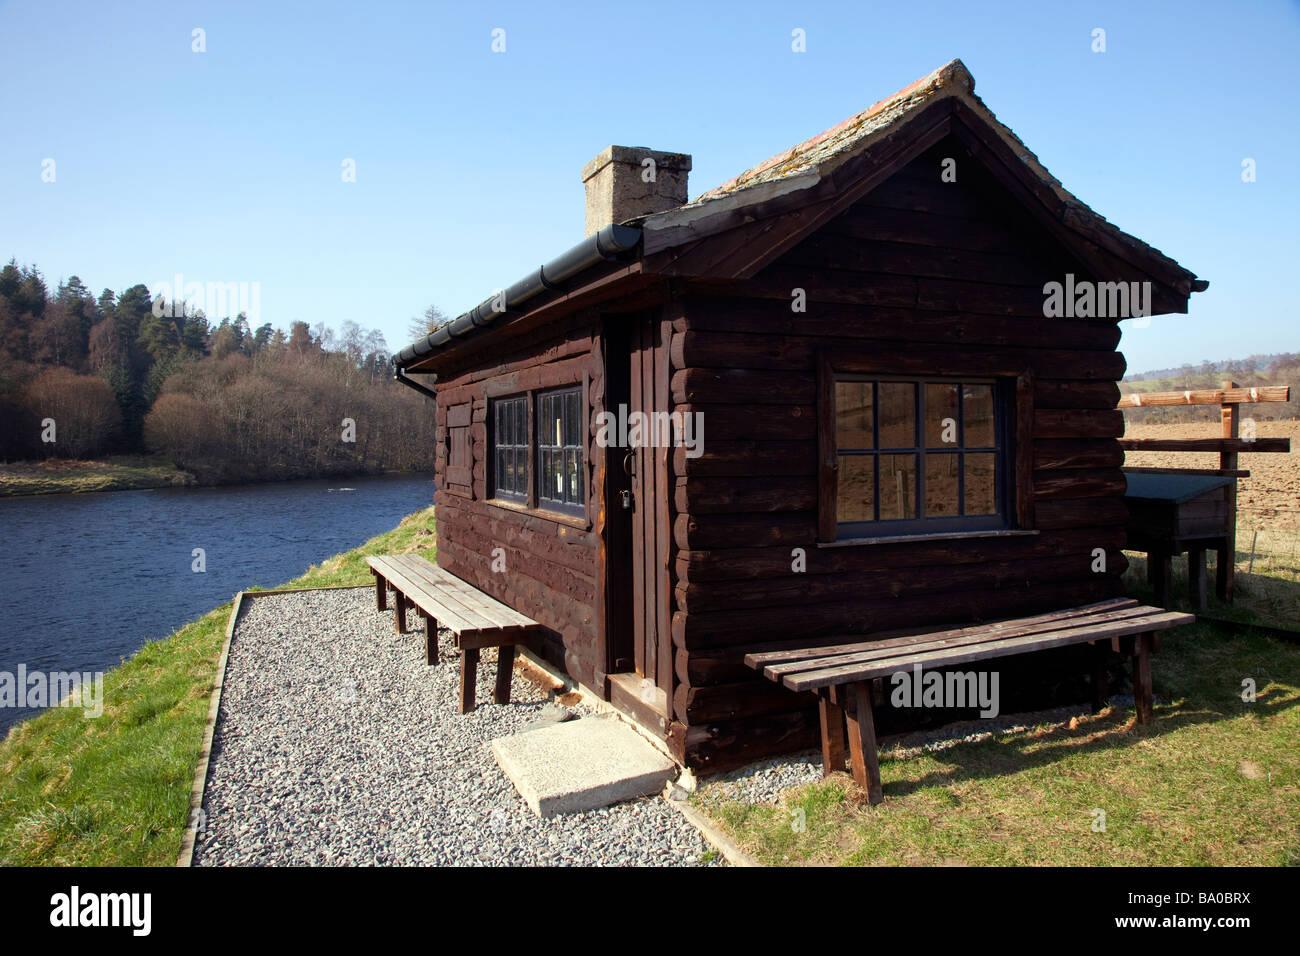 Salmon- fisher's bothy en bois abri refuge, cabane, chambre, riverside paysage sur les rives de la rivière Photo Stock